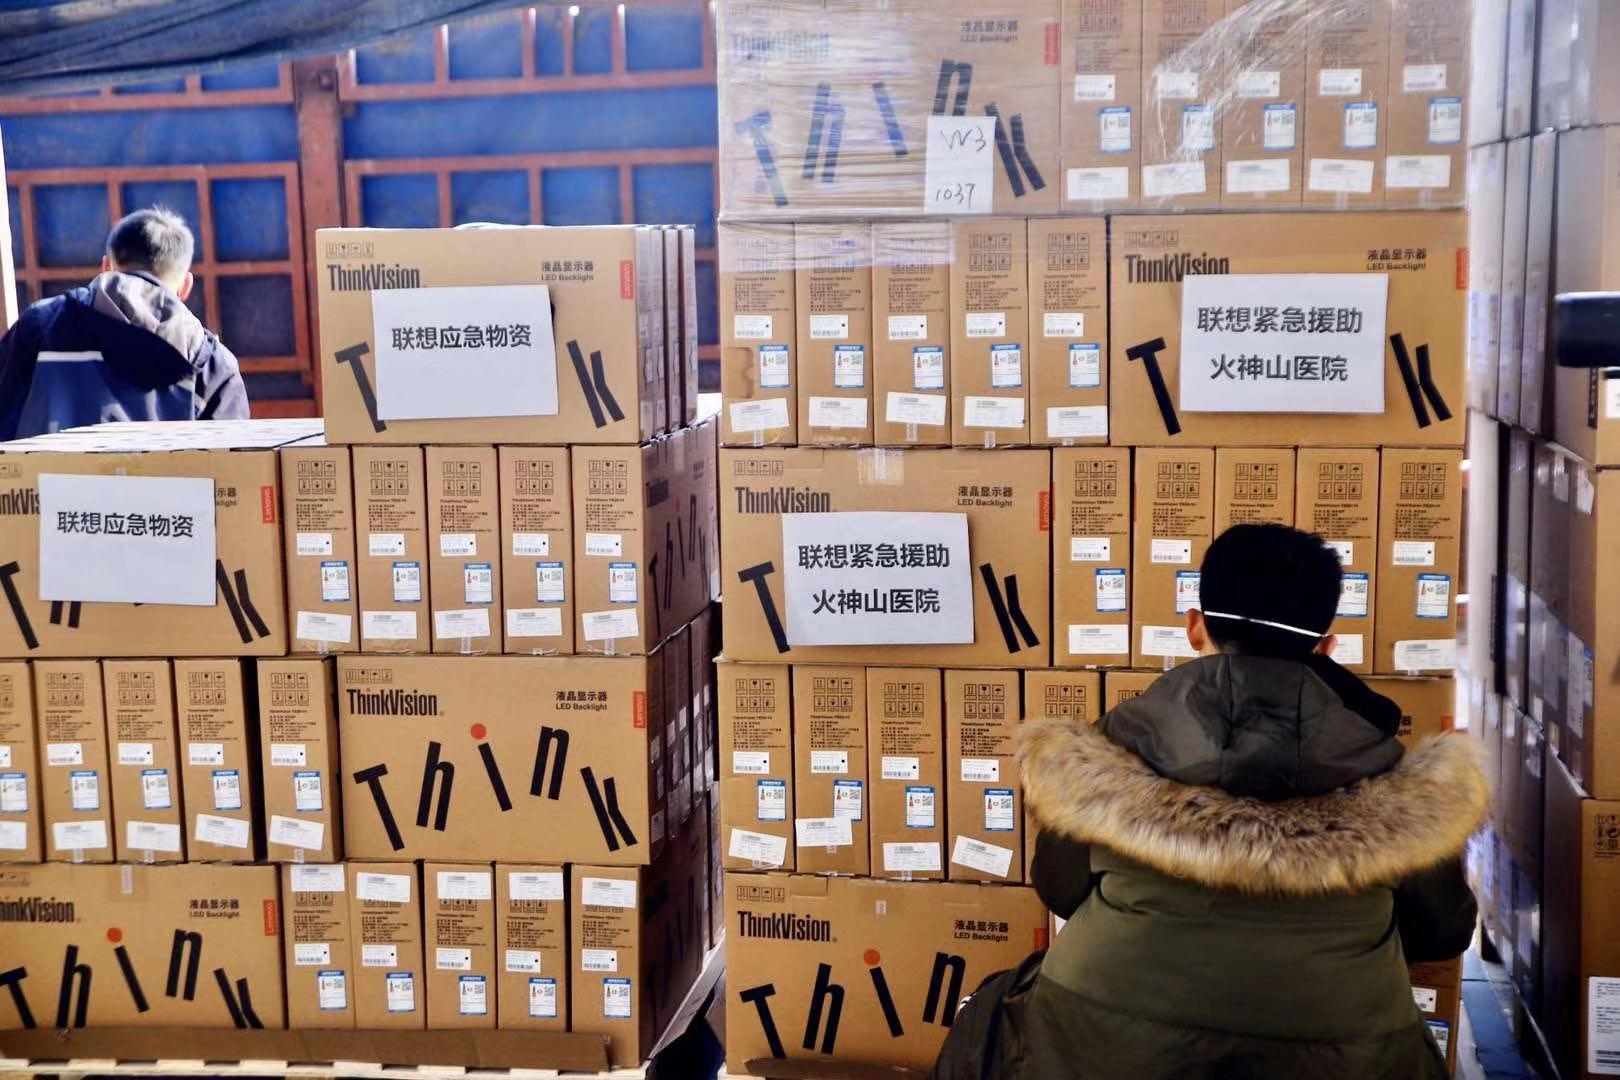 联想集团支援武汉火神山医院的所有IT设备已全部送达